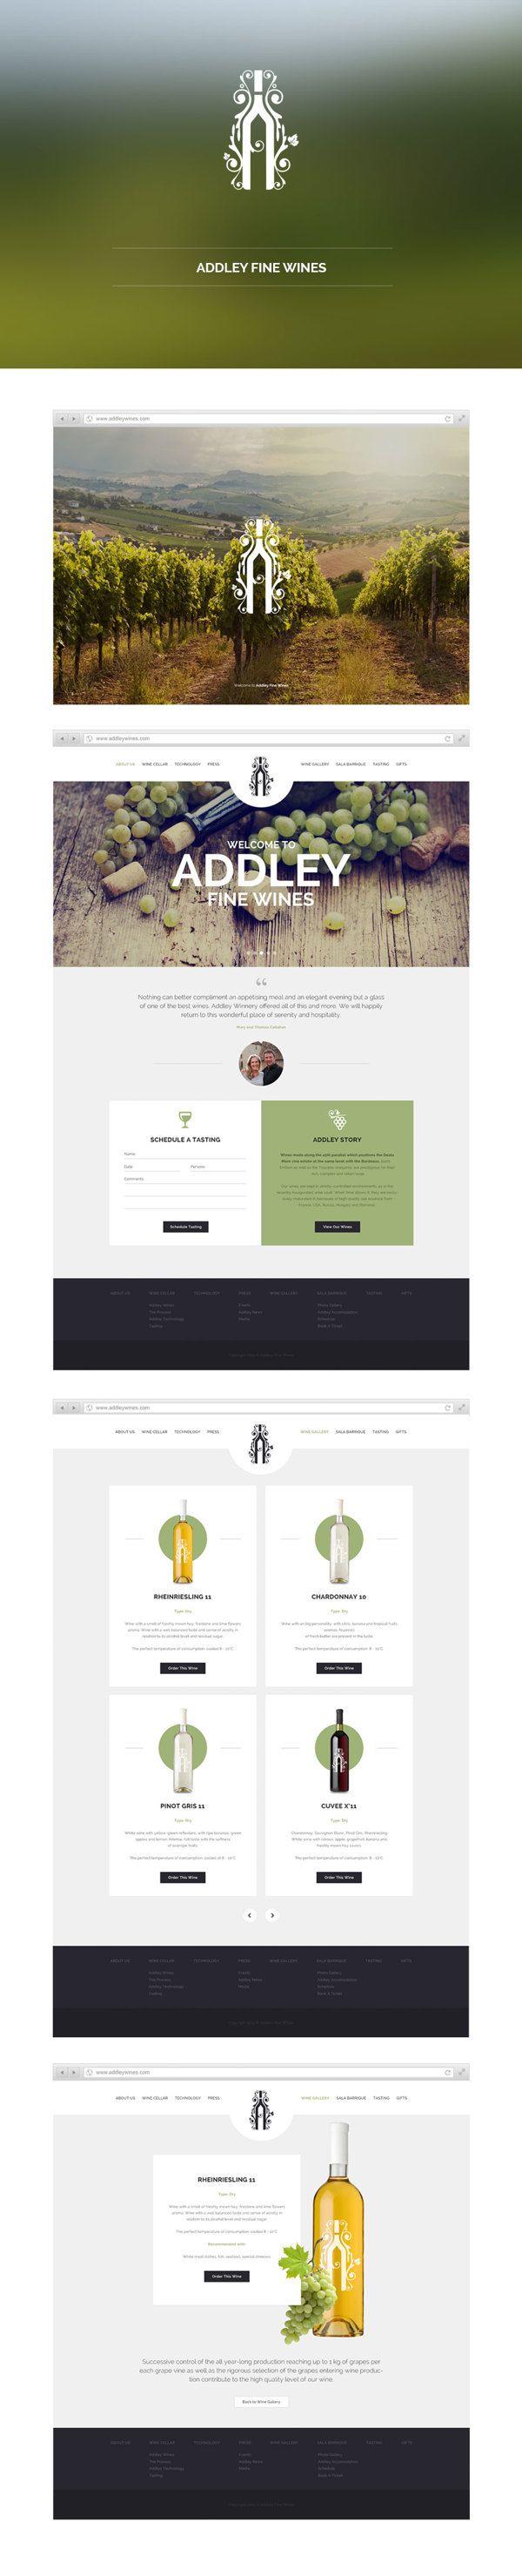 Addley Fine Wines by Oana Stefan, via Behance